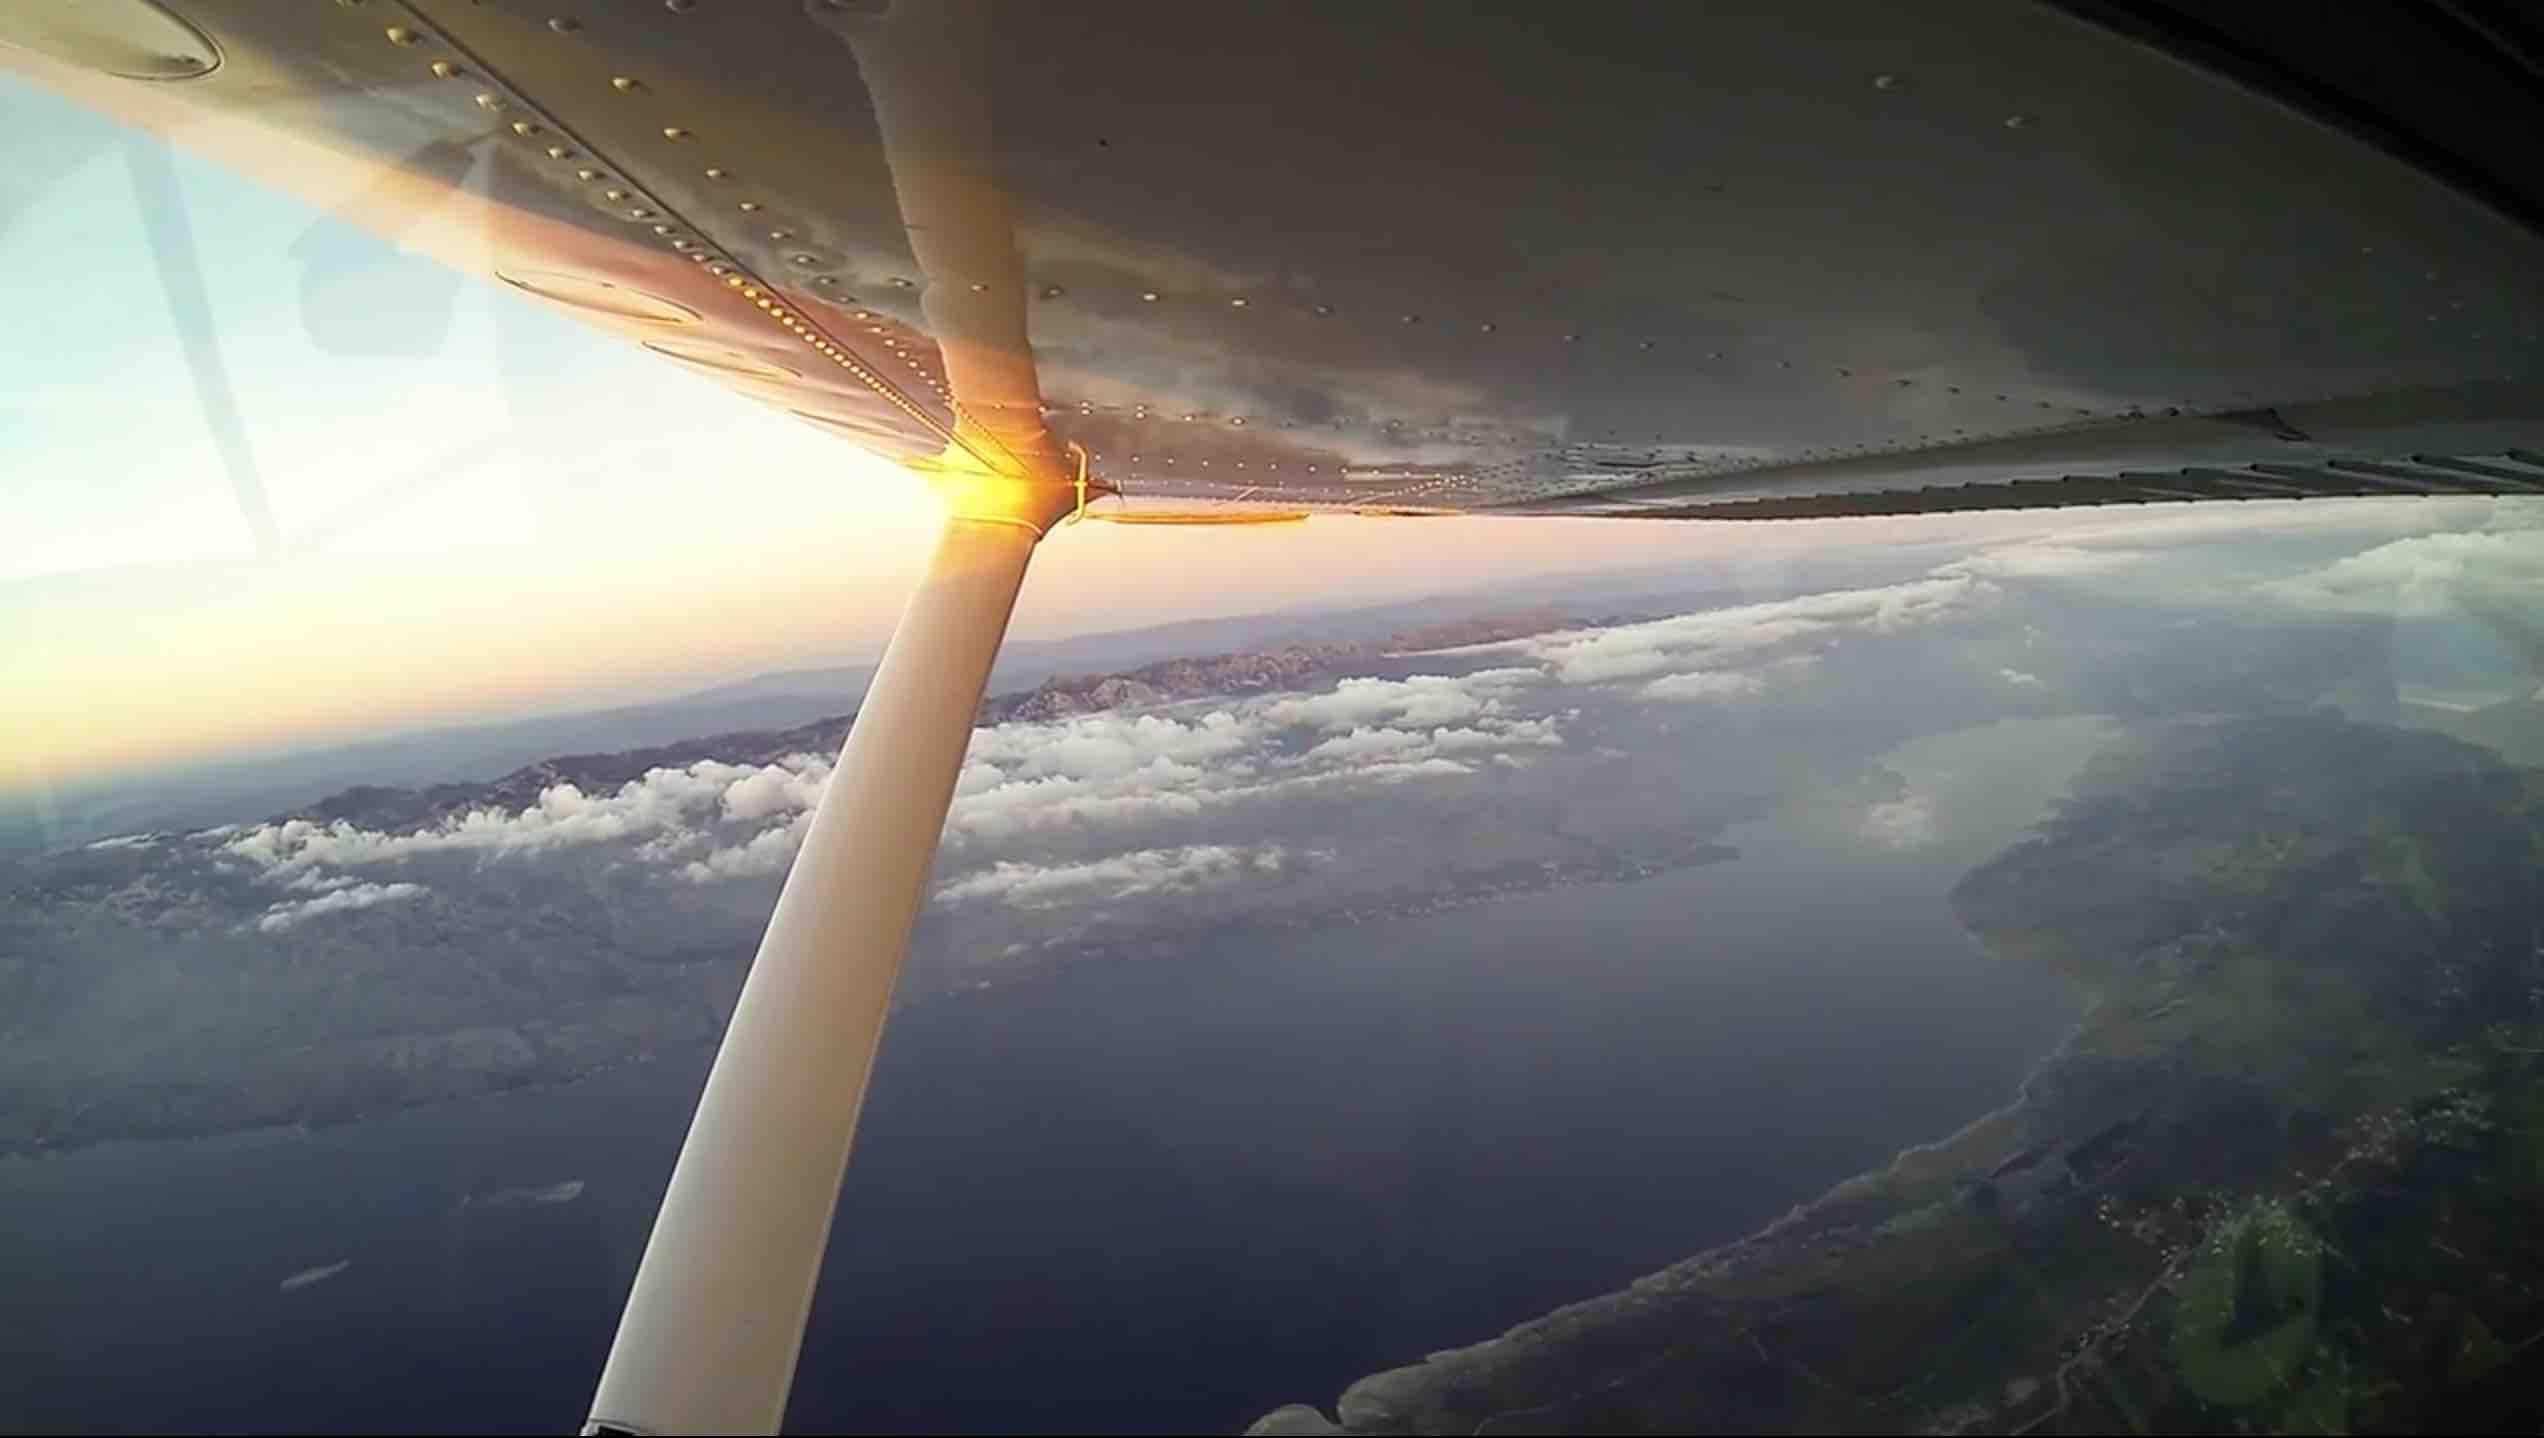 Sunset skydiving in Croatia